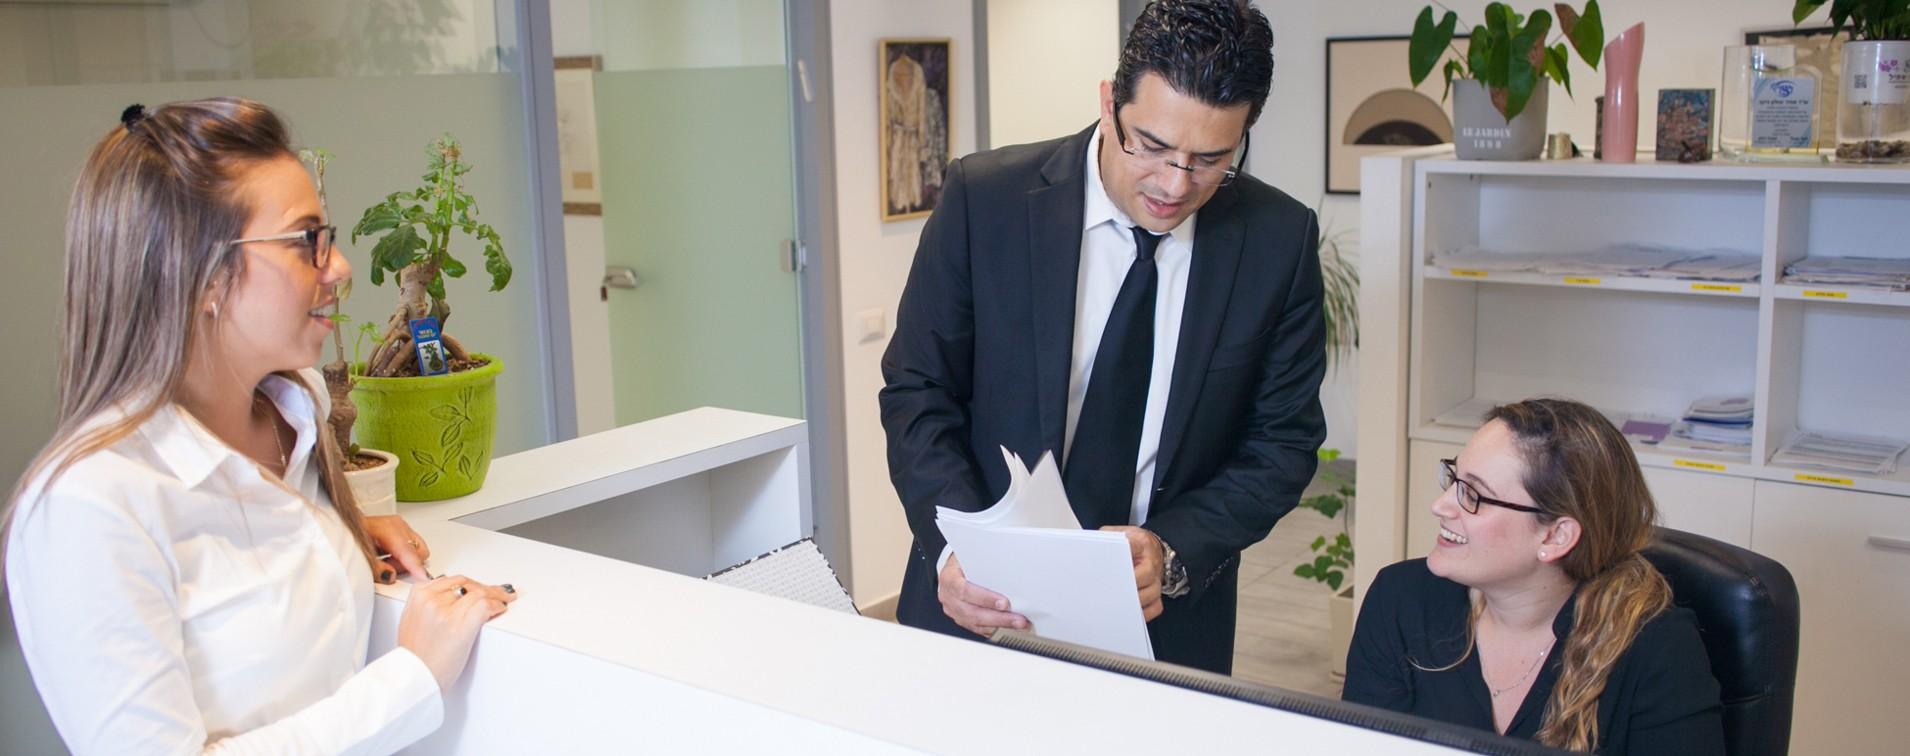 עורך דין אמיר זבולון עובר על מסמכים עם מנהלת המשרד